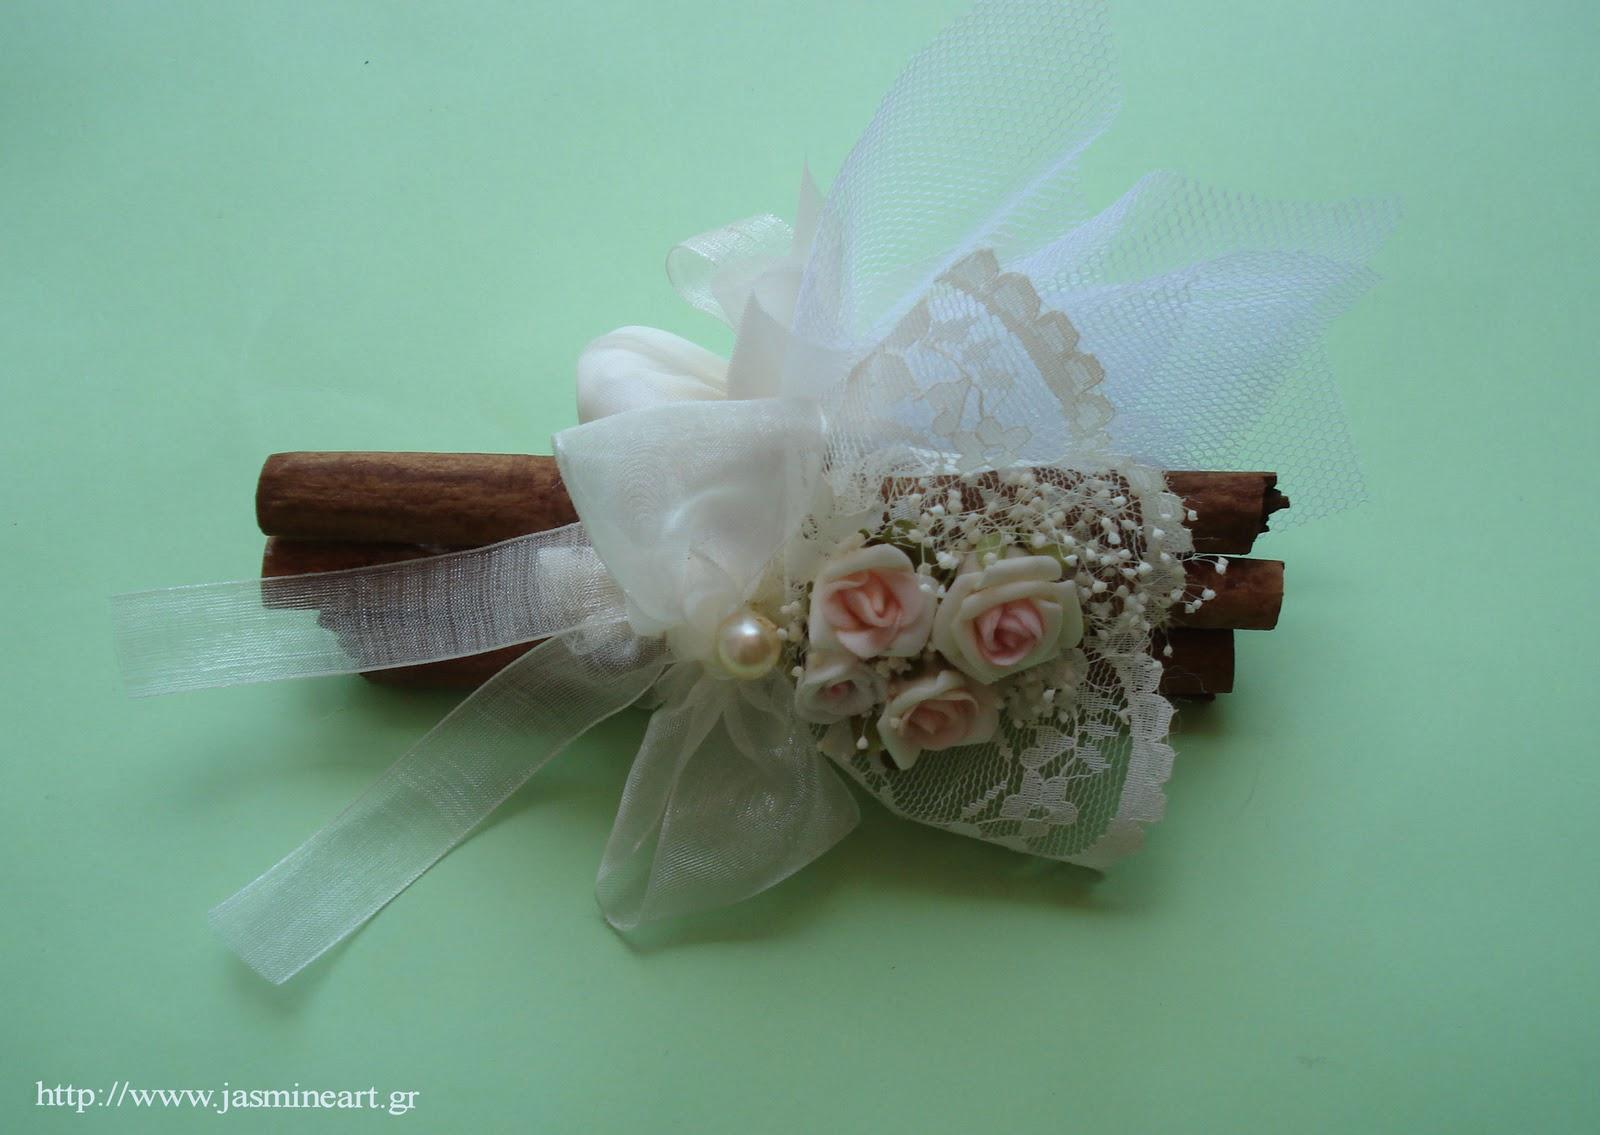 f695295119cf Επικοινωνήστε μαζί μου για περισσότερα σχέδια και ιδέες για μπομπονιέρες  γάμου με κανέλα.